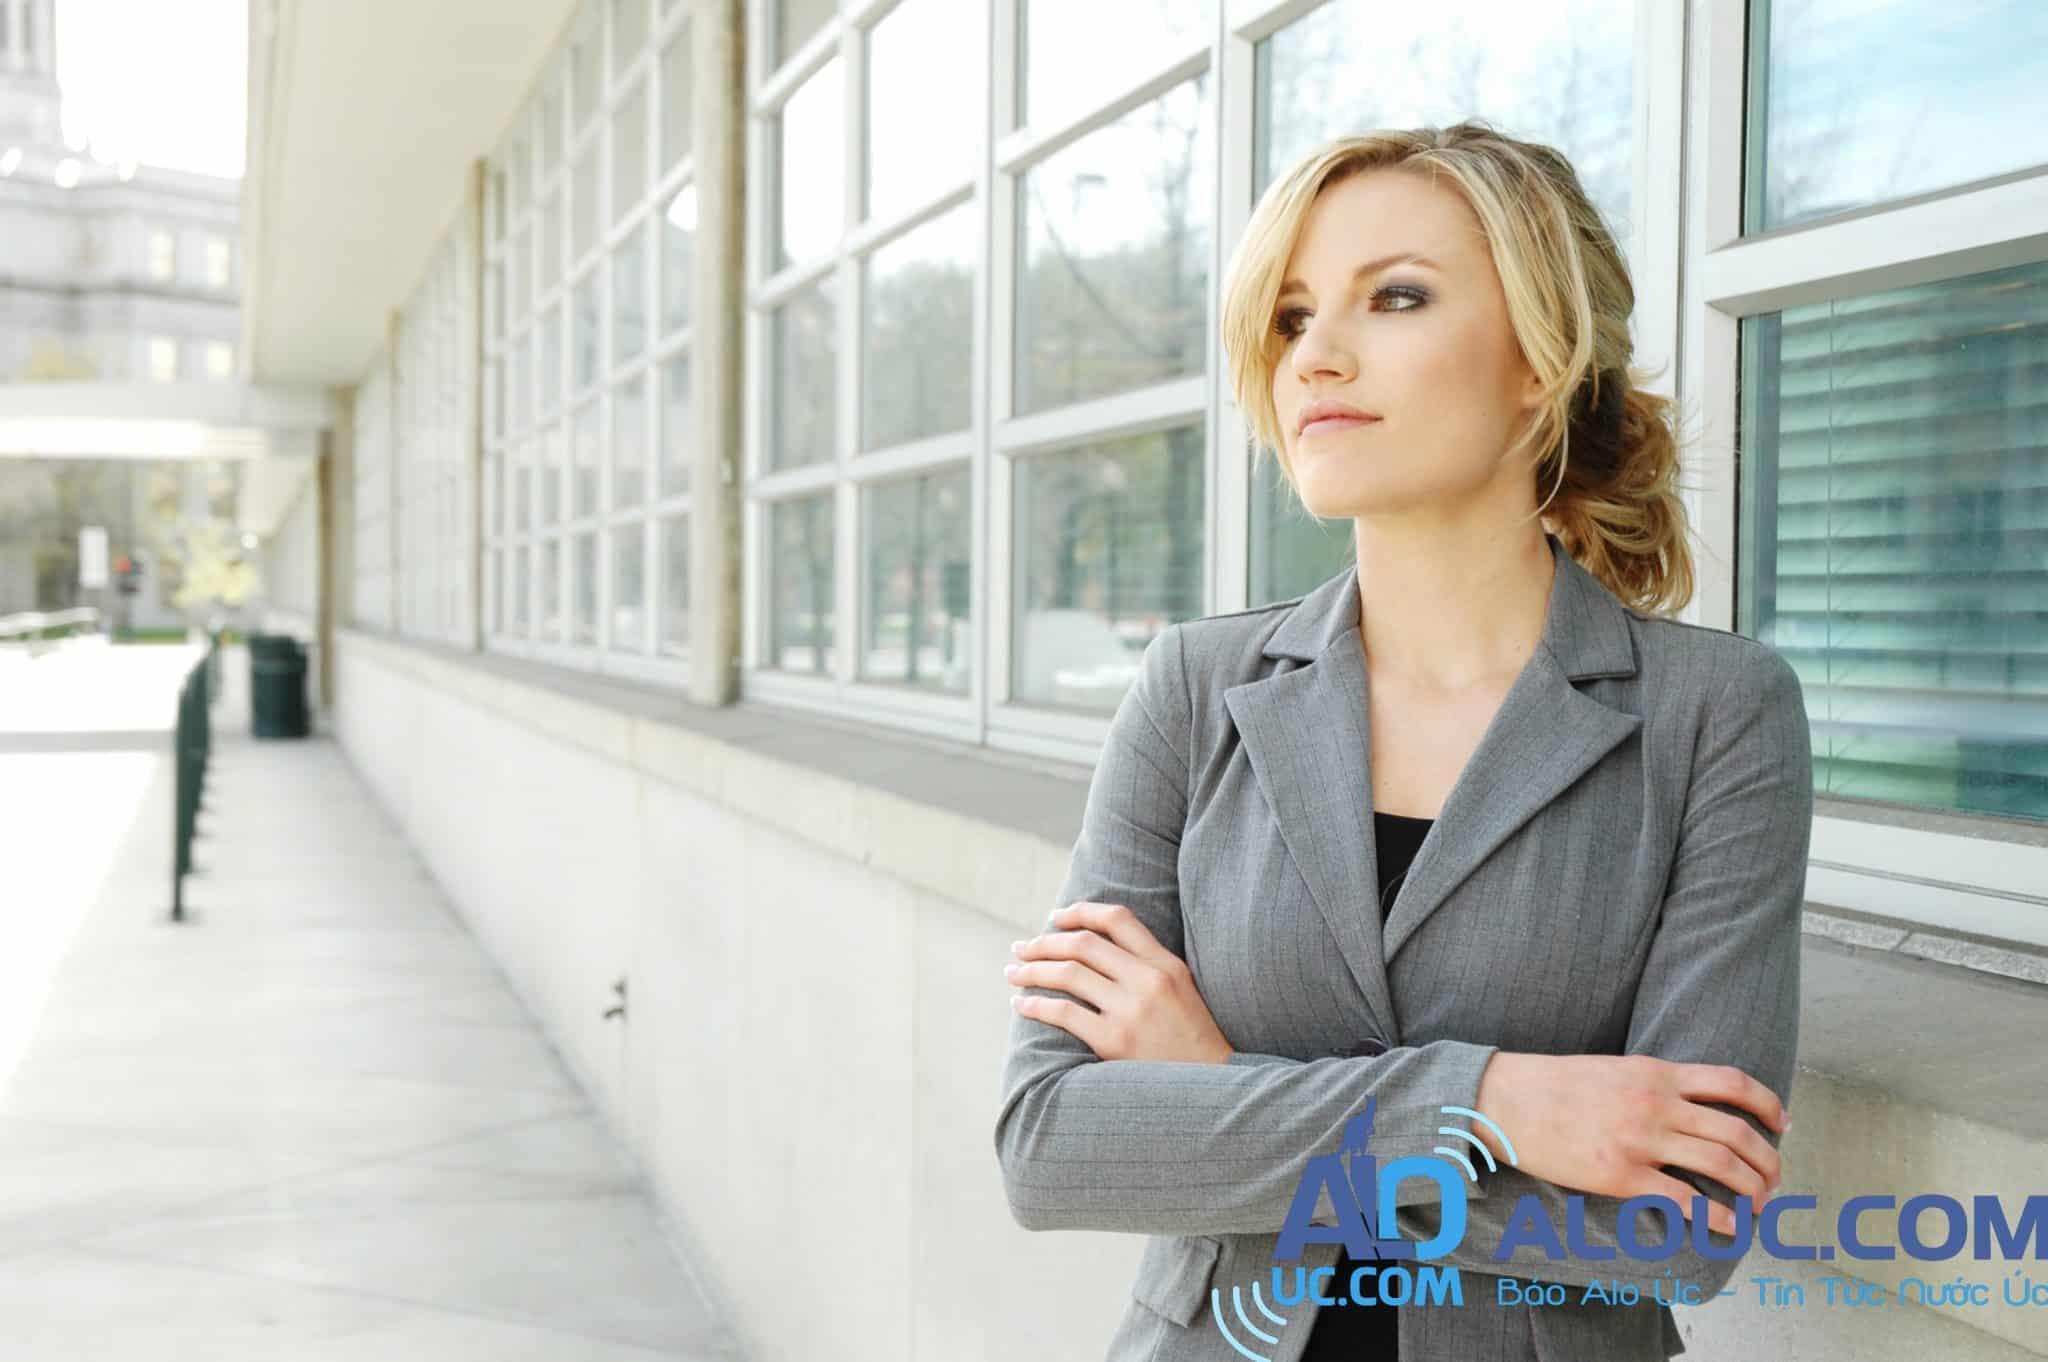 định cư úc diện doanh nhân dinh cu uc dien doanh nhân